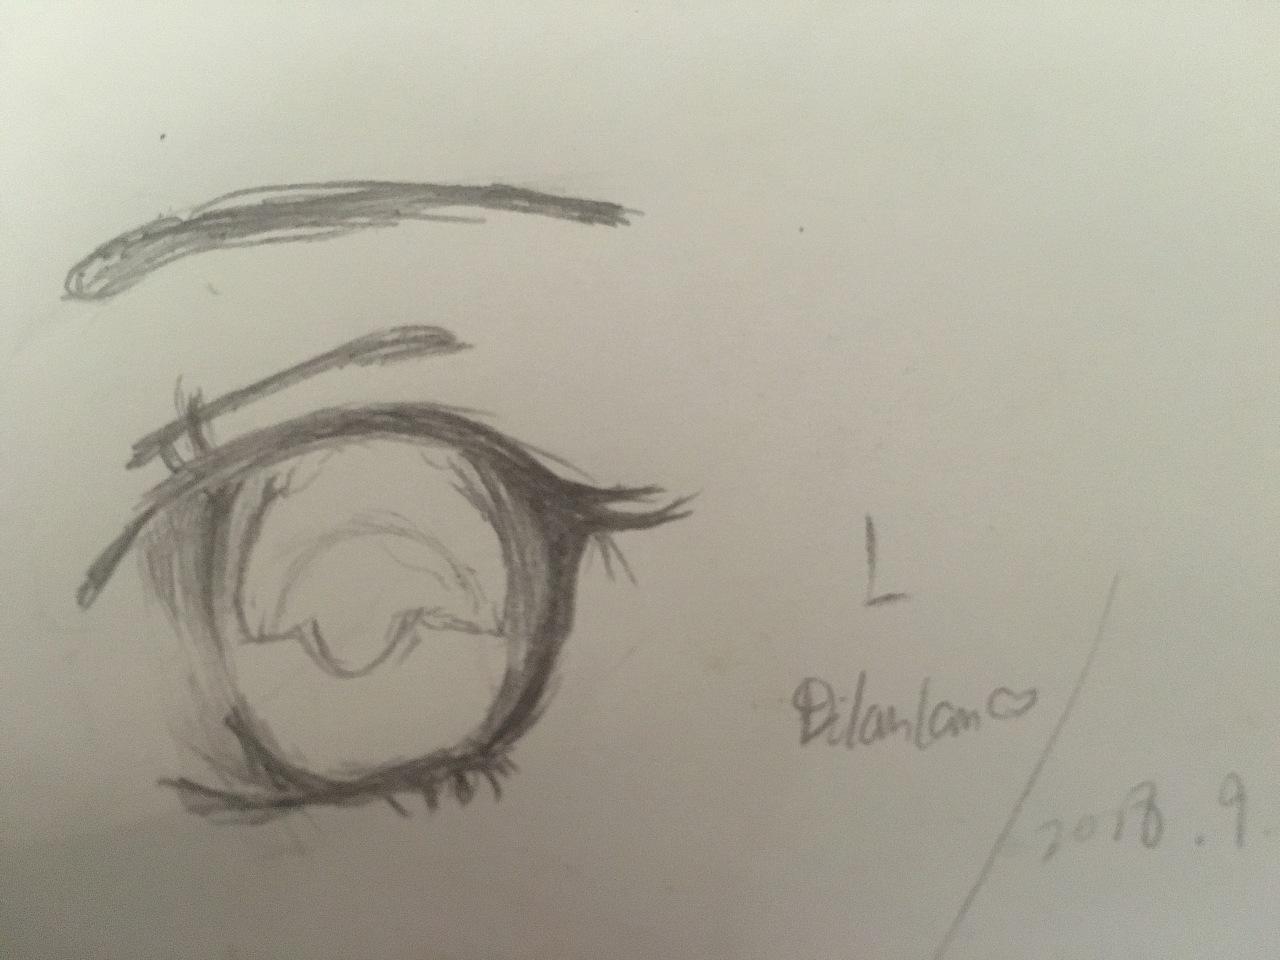 铅笔画(眼睛)图片